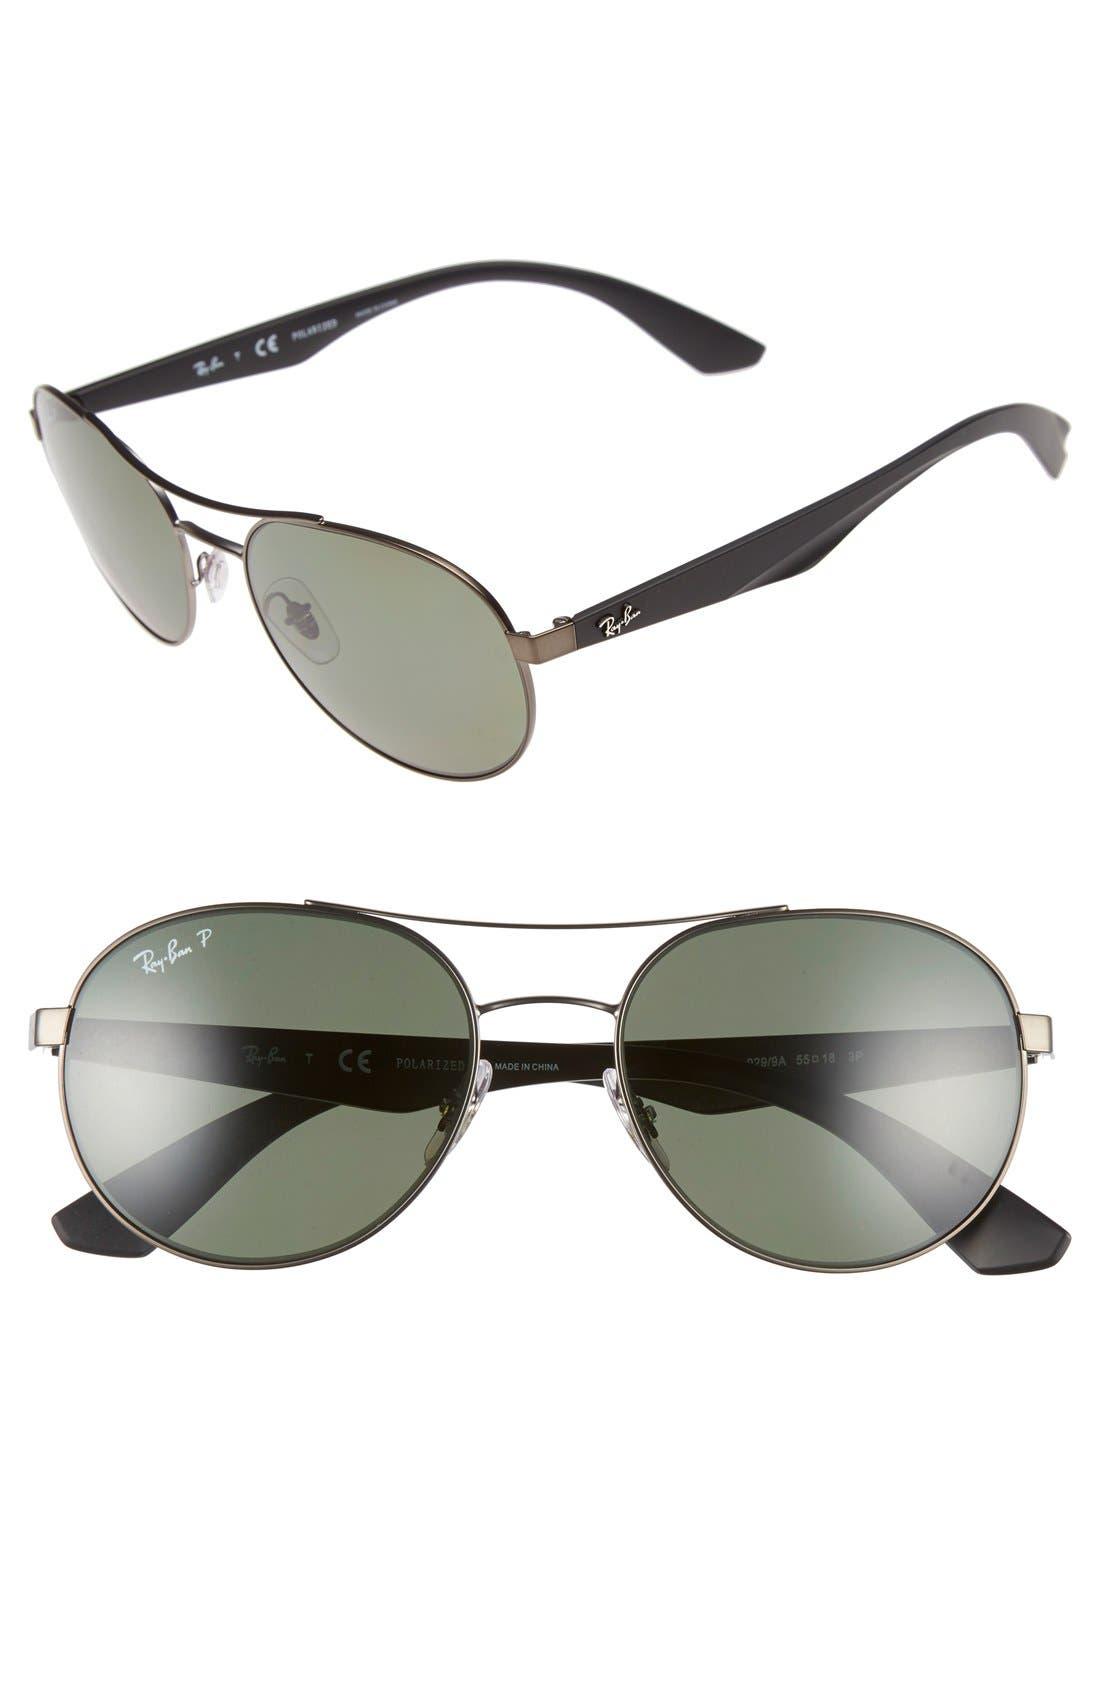 55mm Polarized Sunglasses,                             Main thumbnail 1, color,                             MATTE GUNMETAL/ GREEN P